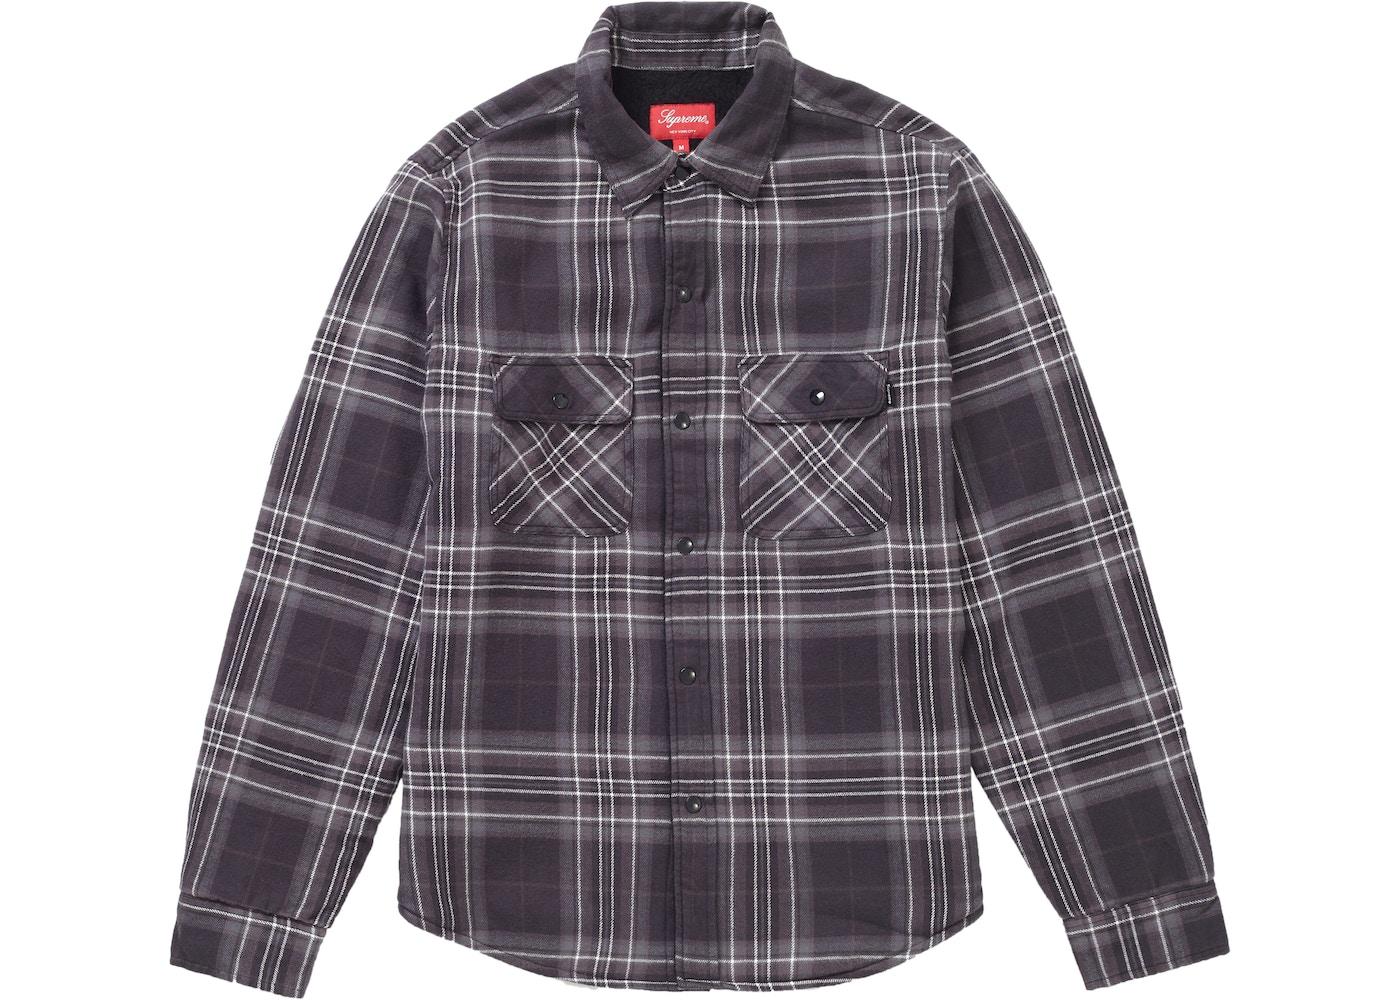 Supreme Pile Lined Plaid Flannel Shirt Black - FW18 3cf1b0761c0